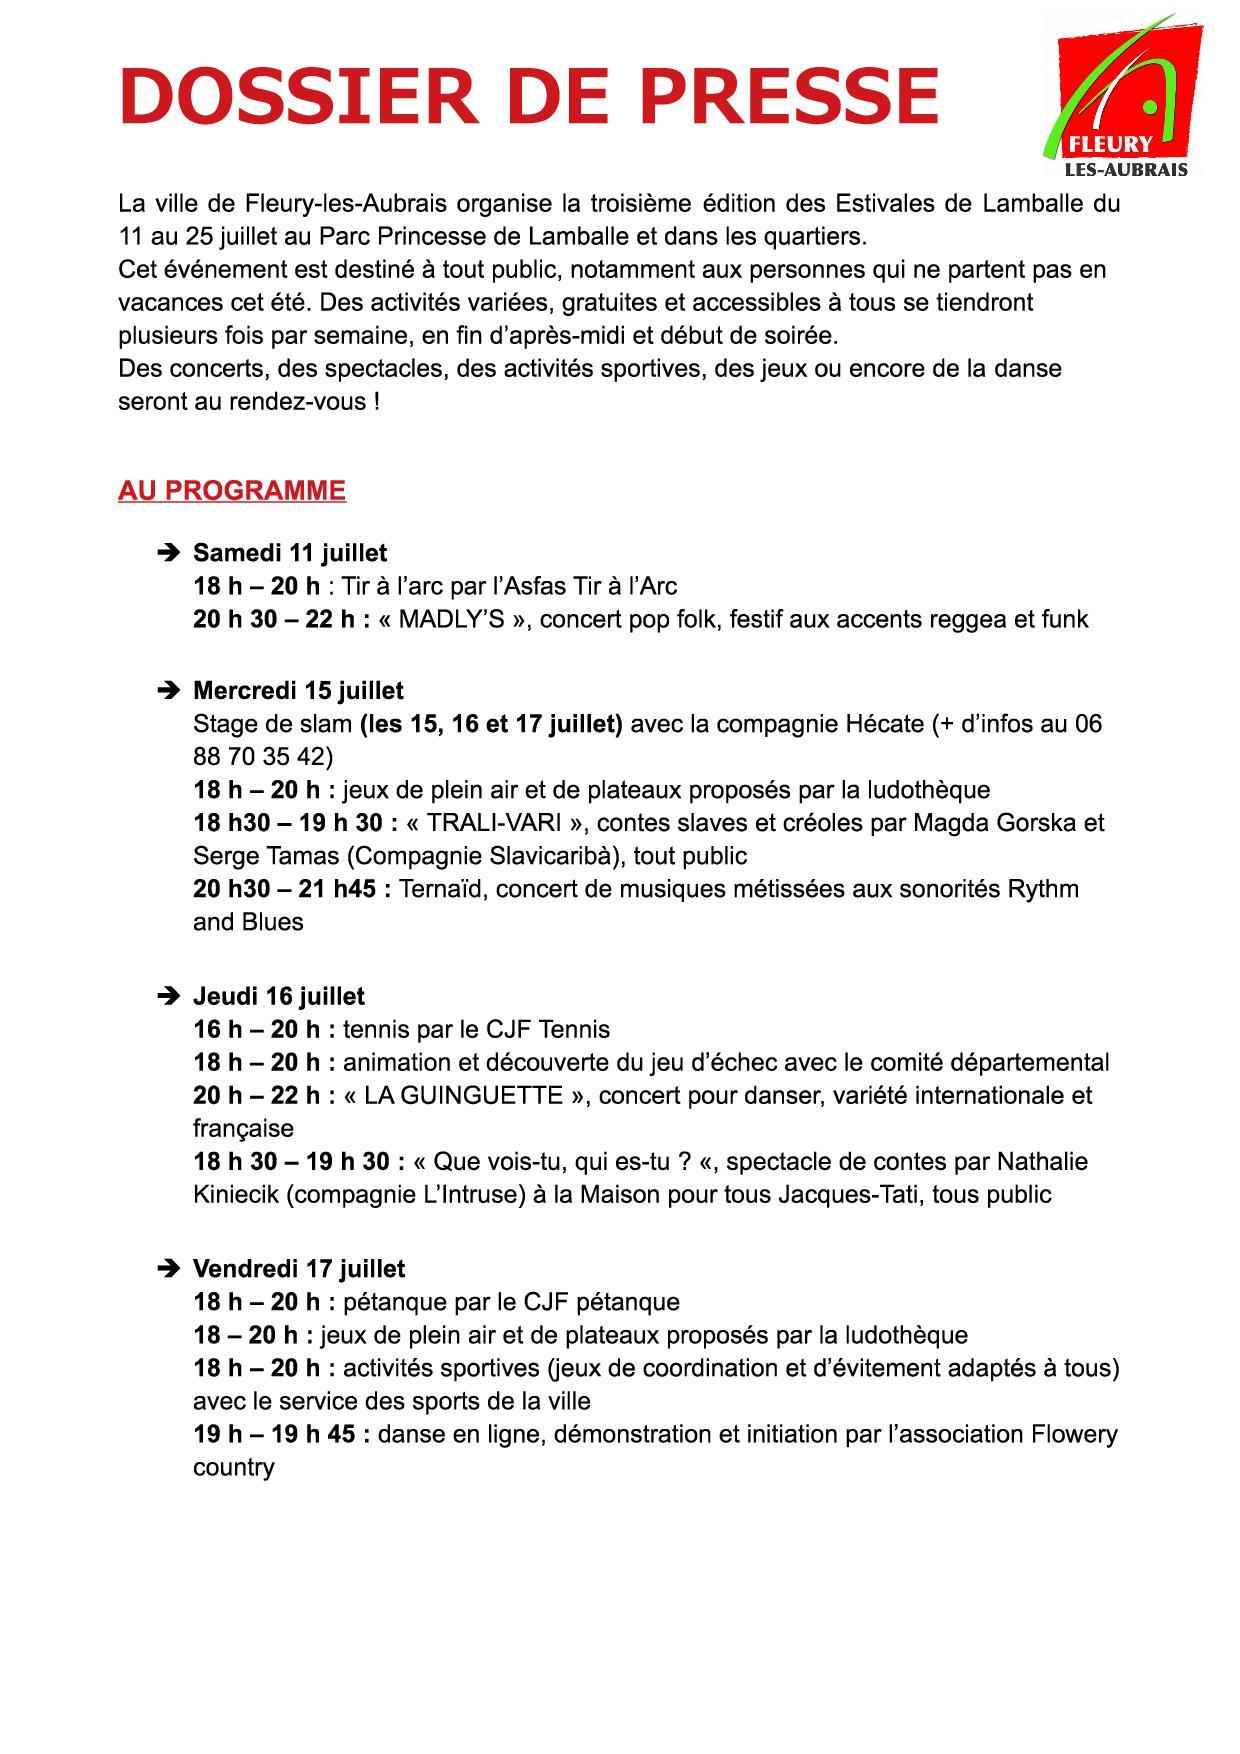 Dossier de presse - Les Estivales de Lamballe 20202.jpg